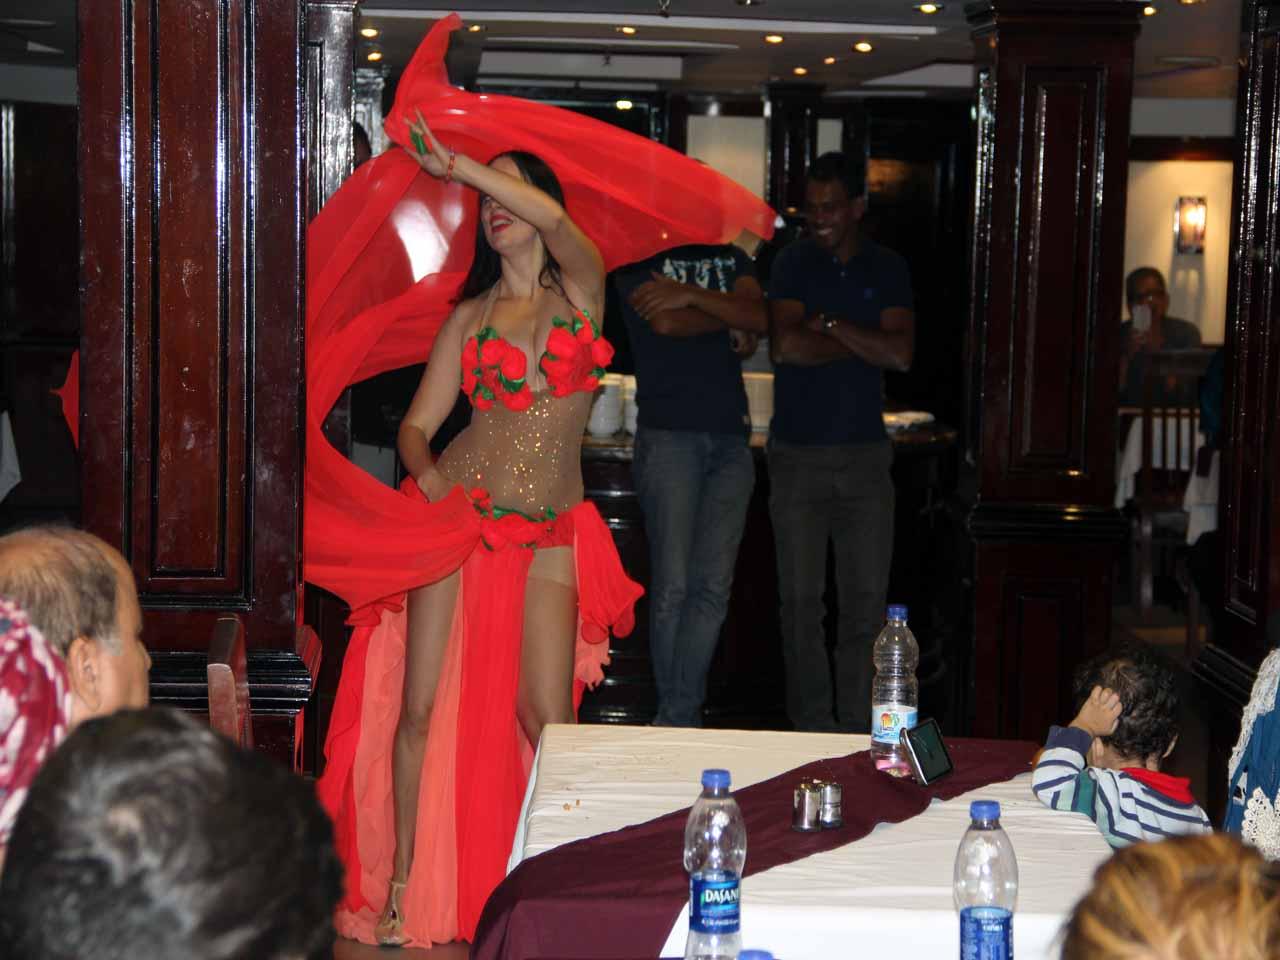 Cena a bordo de un crucero por el Nilo